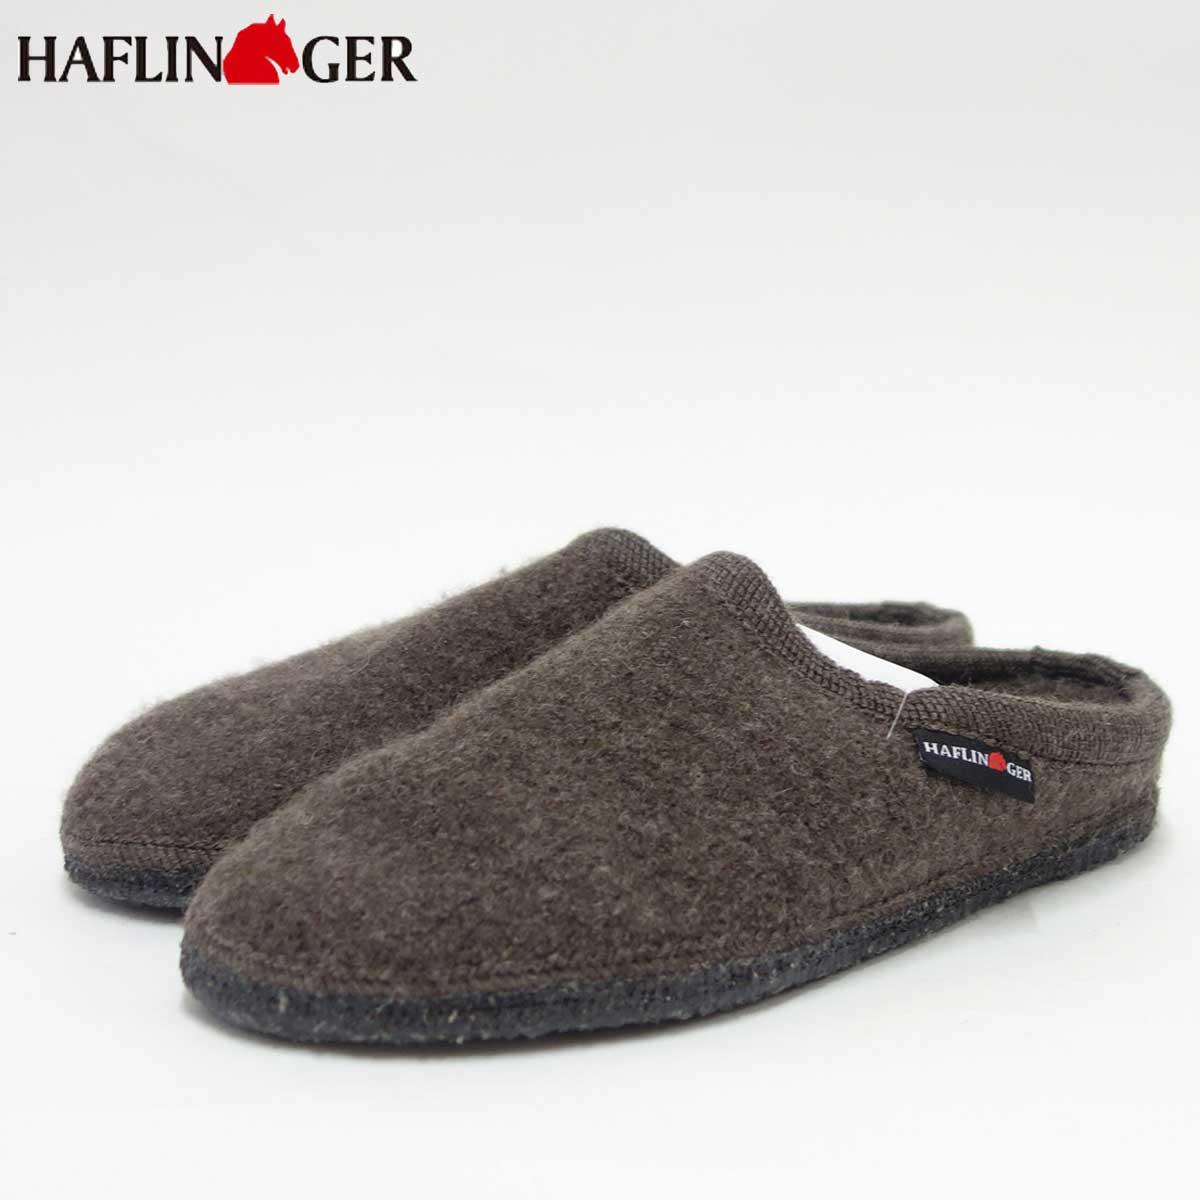 HAFLINGER ハフリンガー クヌート 61103801 モカ(ユニセックス)足をやさしく包み込む快適ルームシューズ「靴」